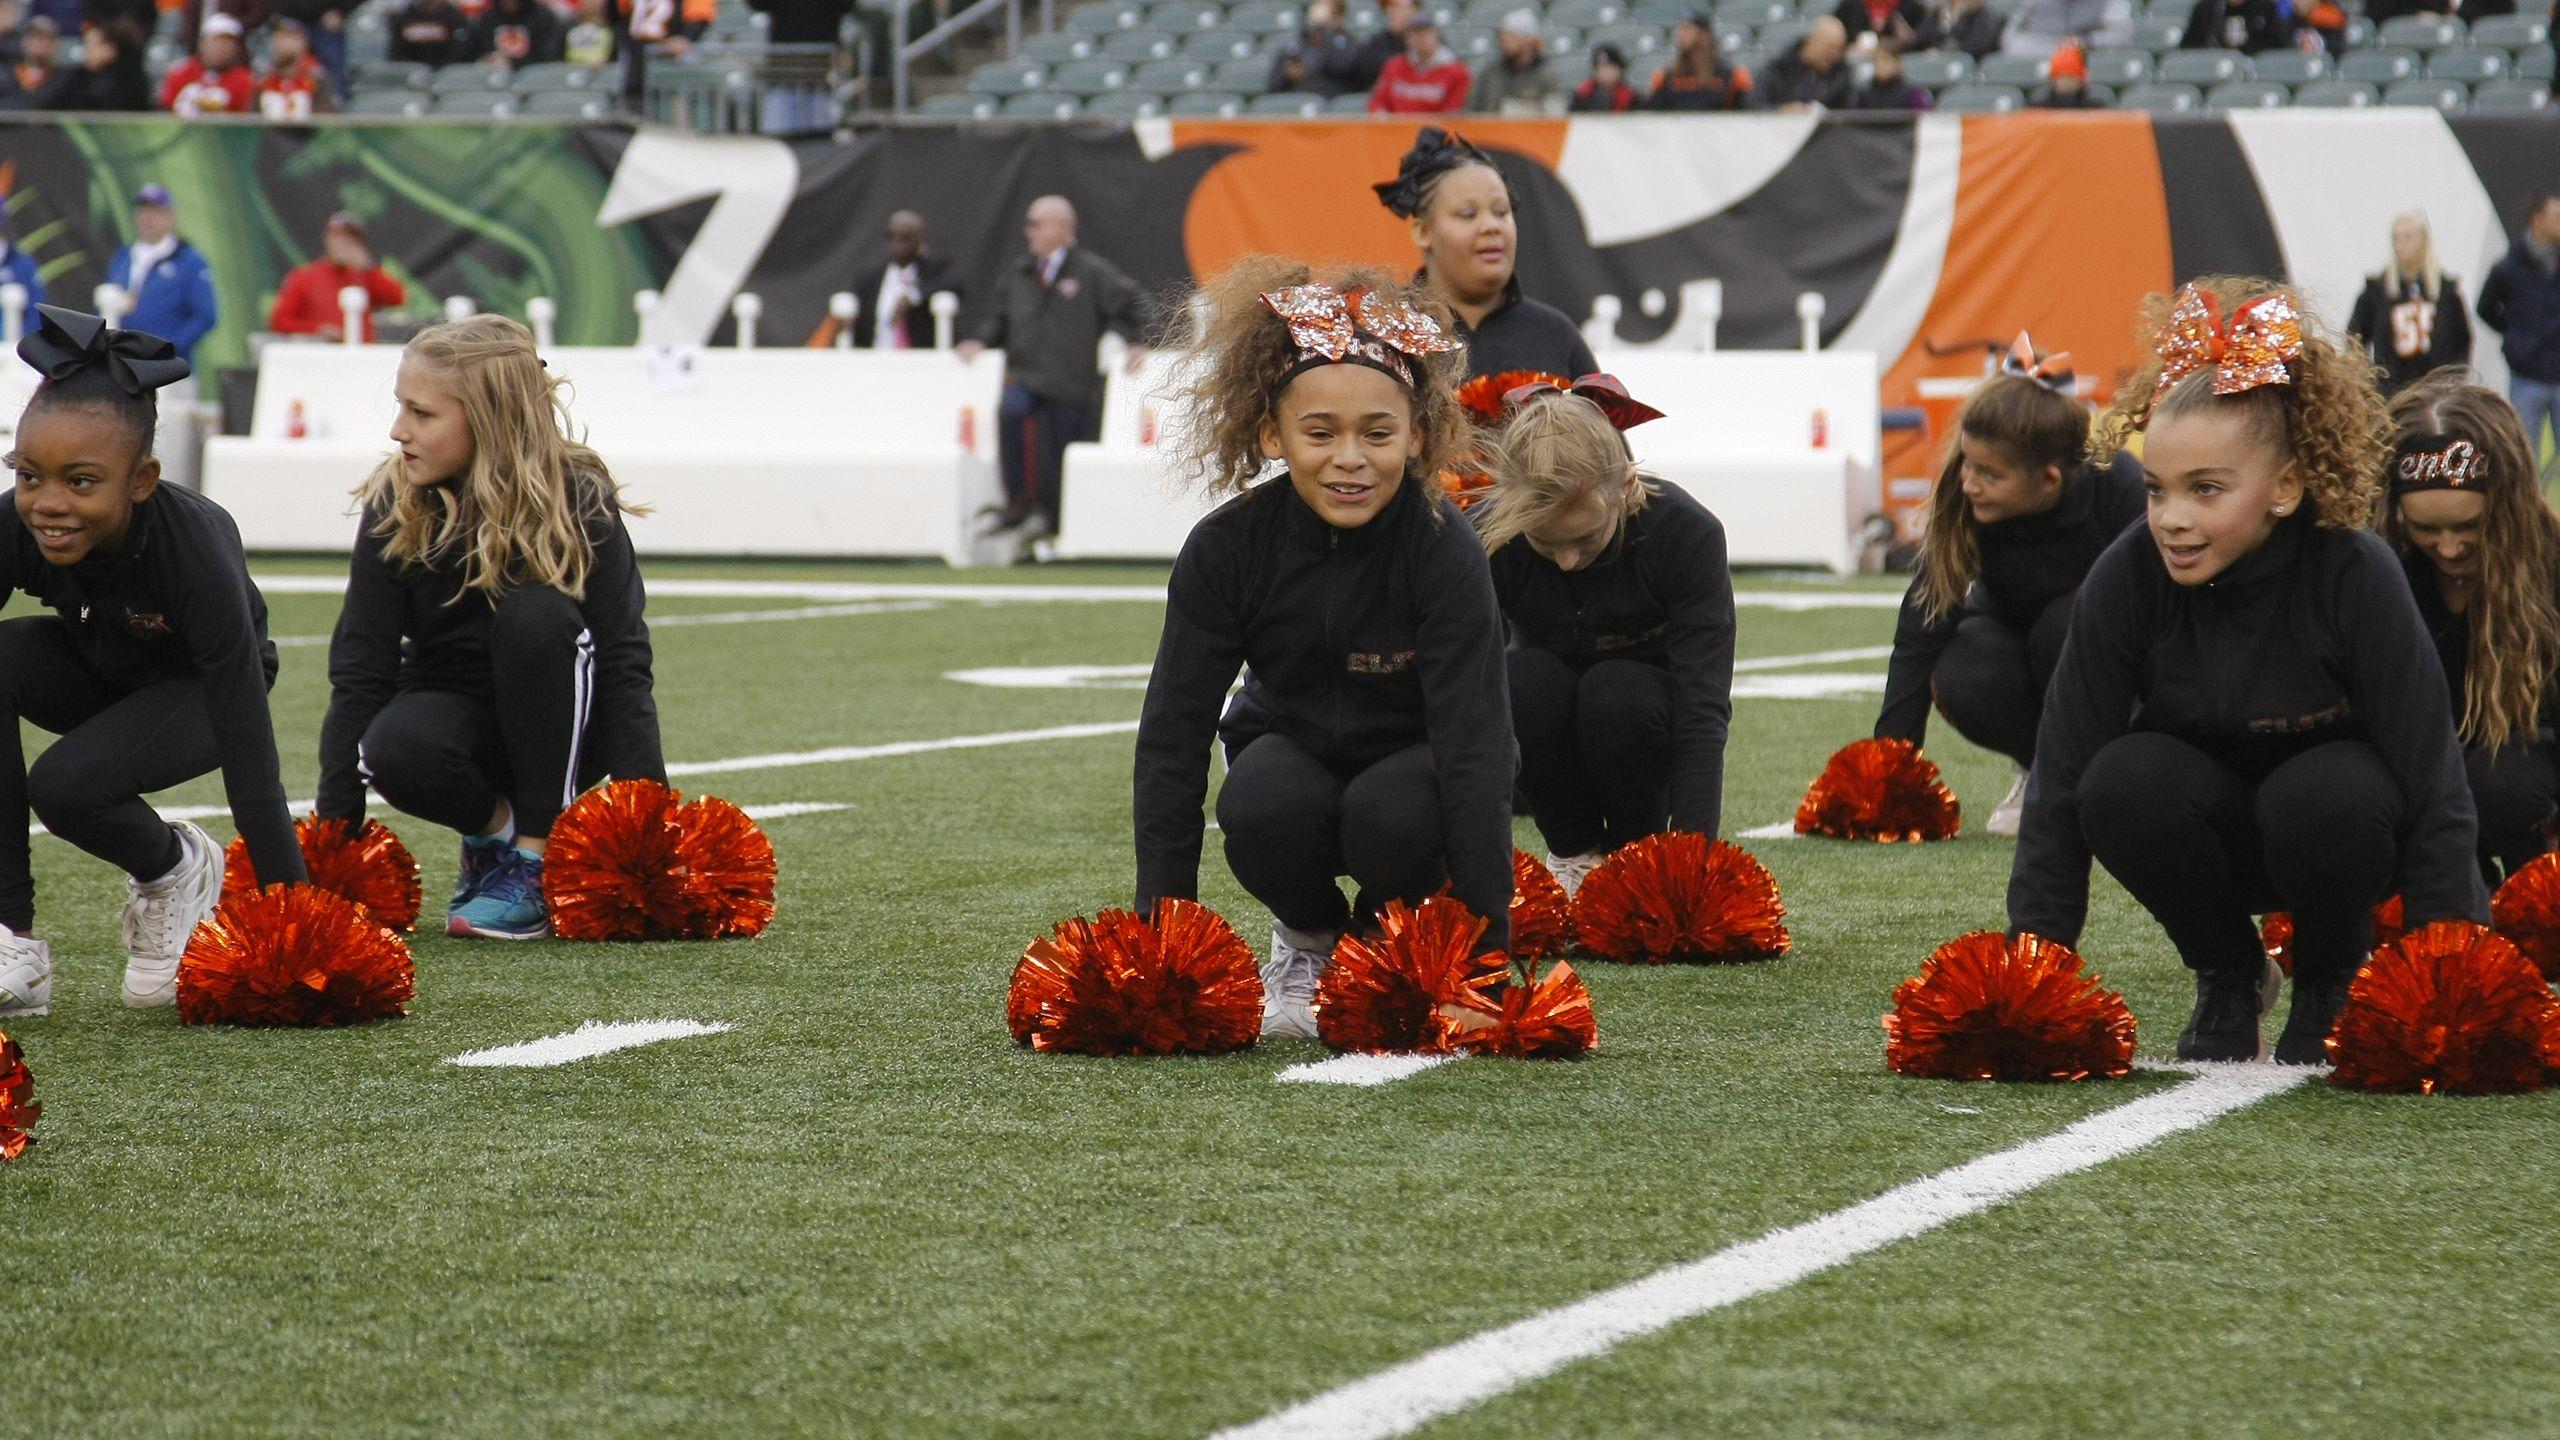 Junior Ben-Gal Cheerleaders